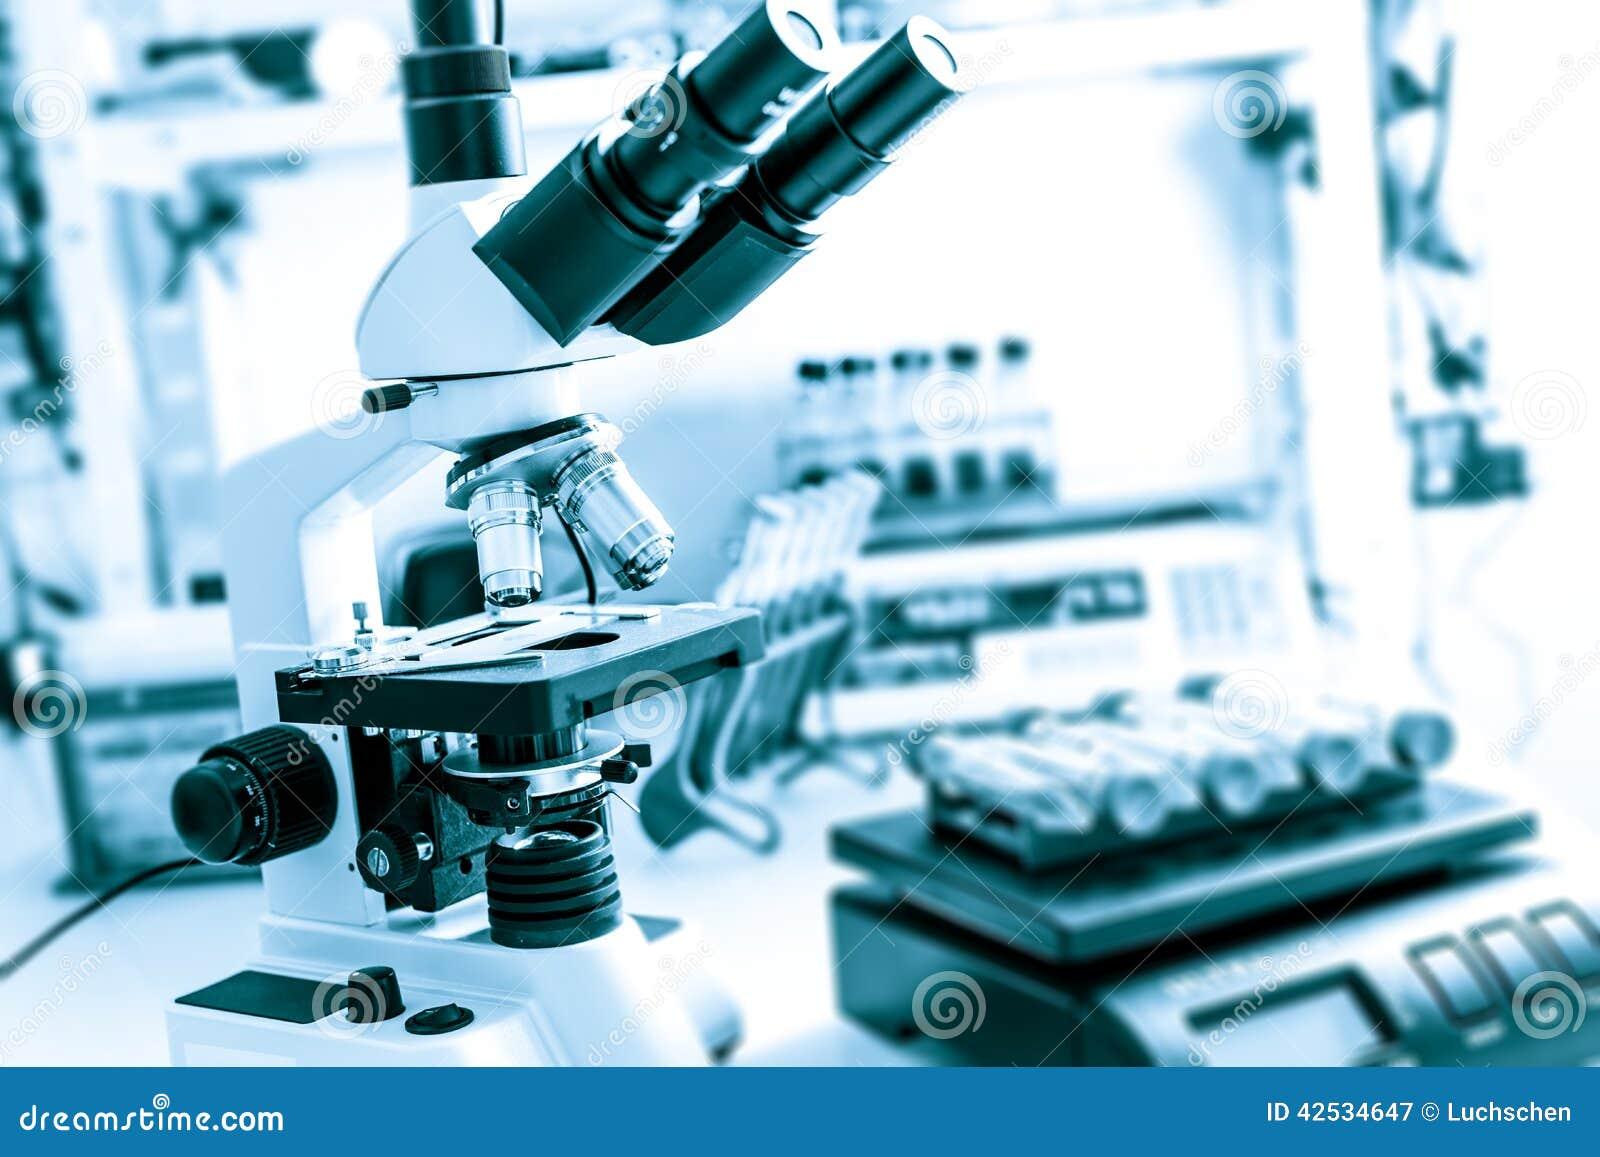 Αποτέλεσμα εικόνας για ιατρικό εργαστήριο